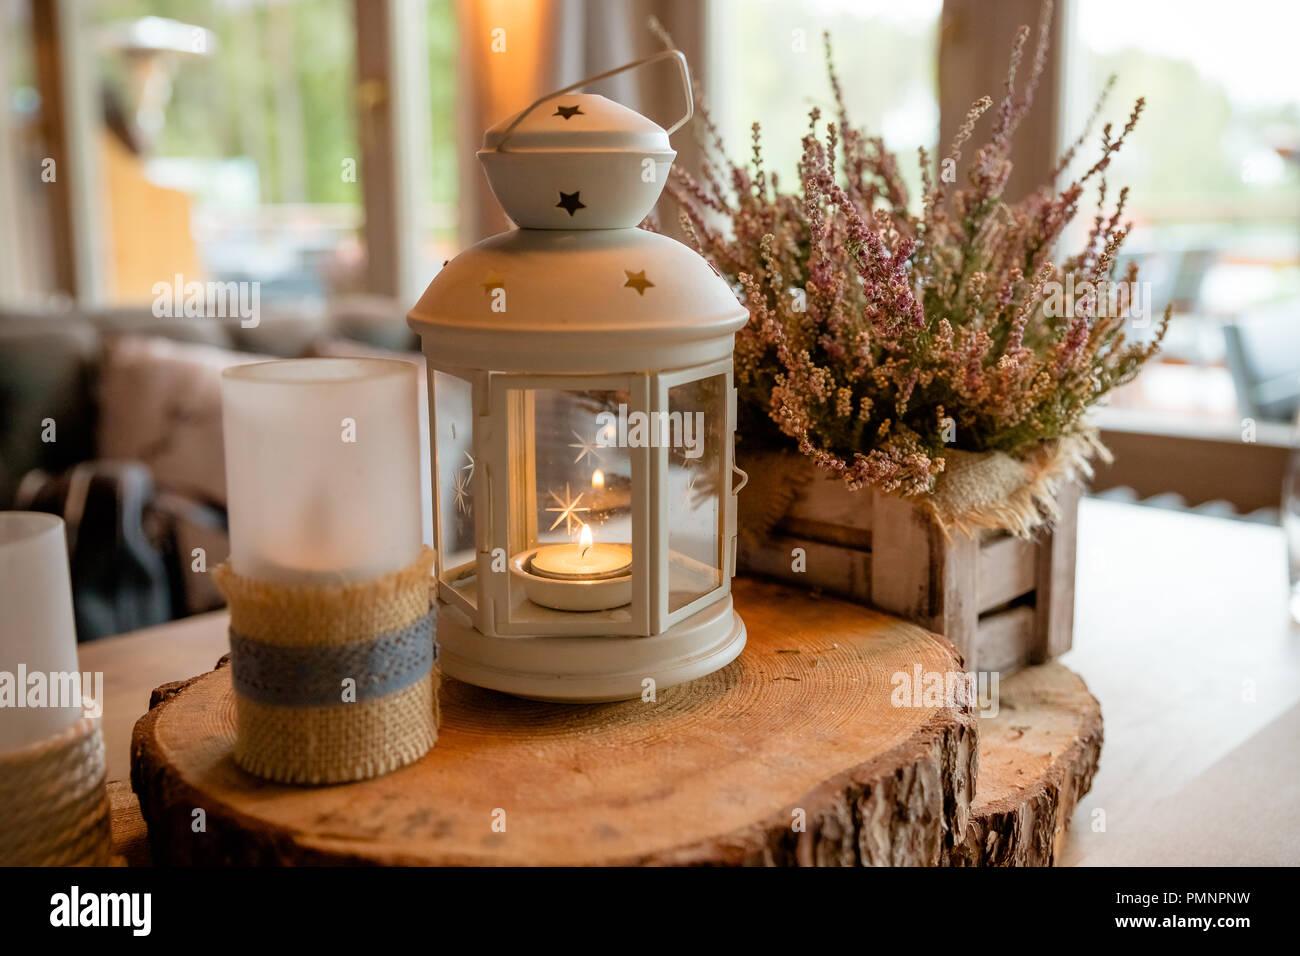 Bougie Décoration De Table white lanterne avec bougie allumée à l'intérieur de lui